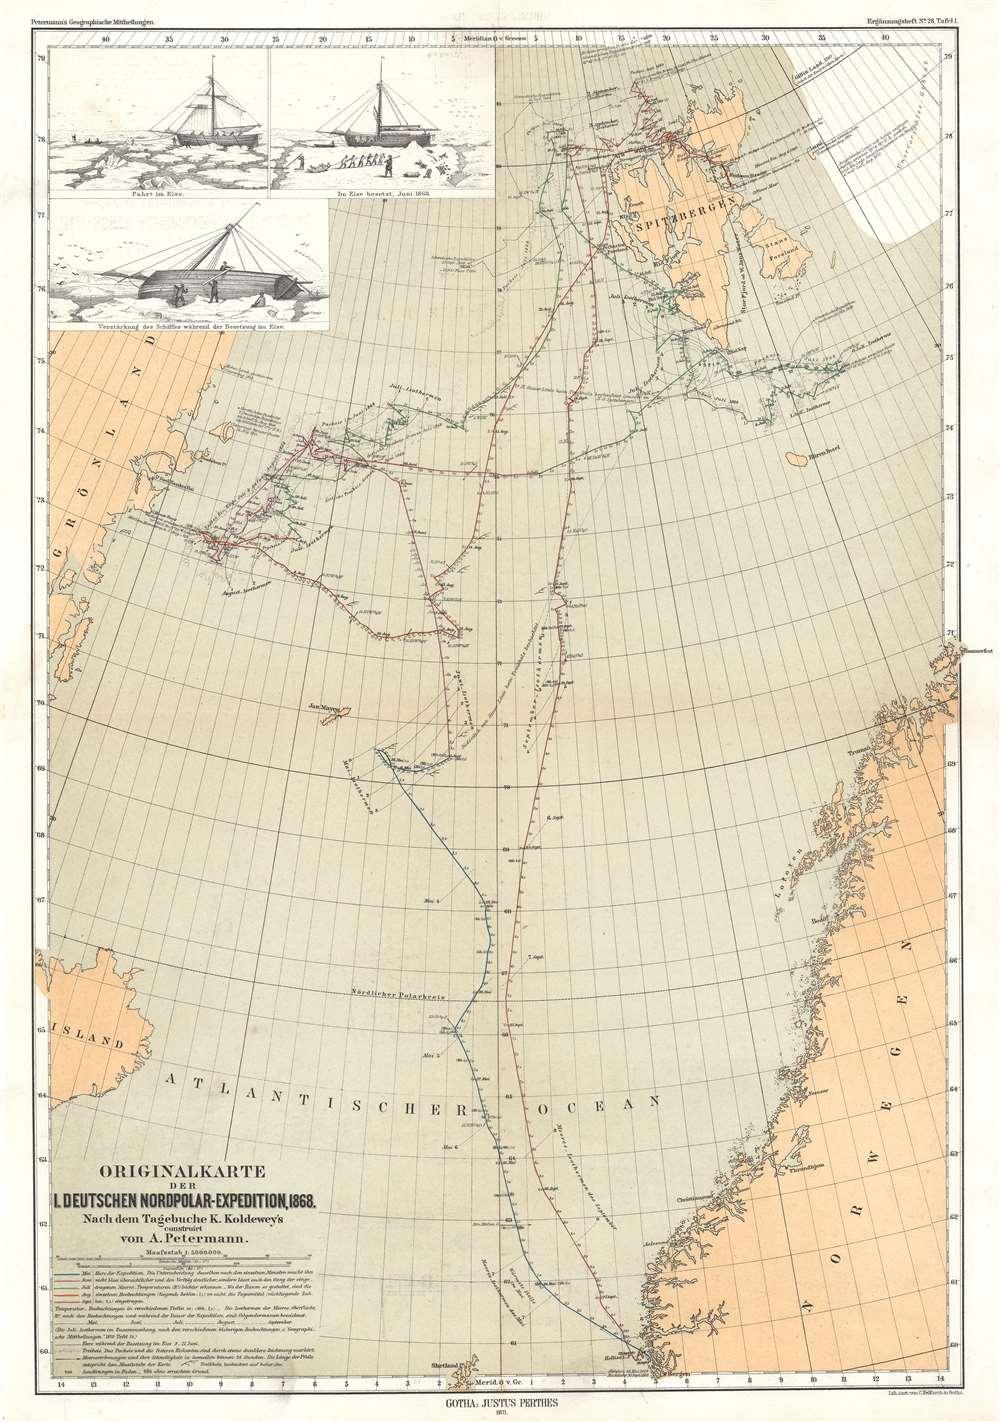 Originalkarte der I. Deutschen Nordpolar-Expedition, 1868. - Main View